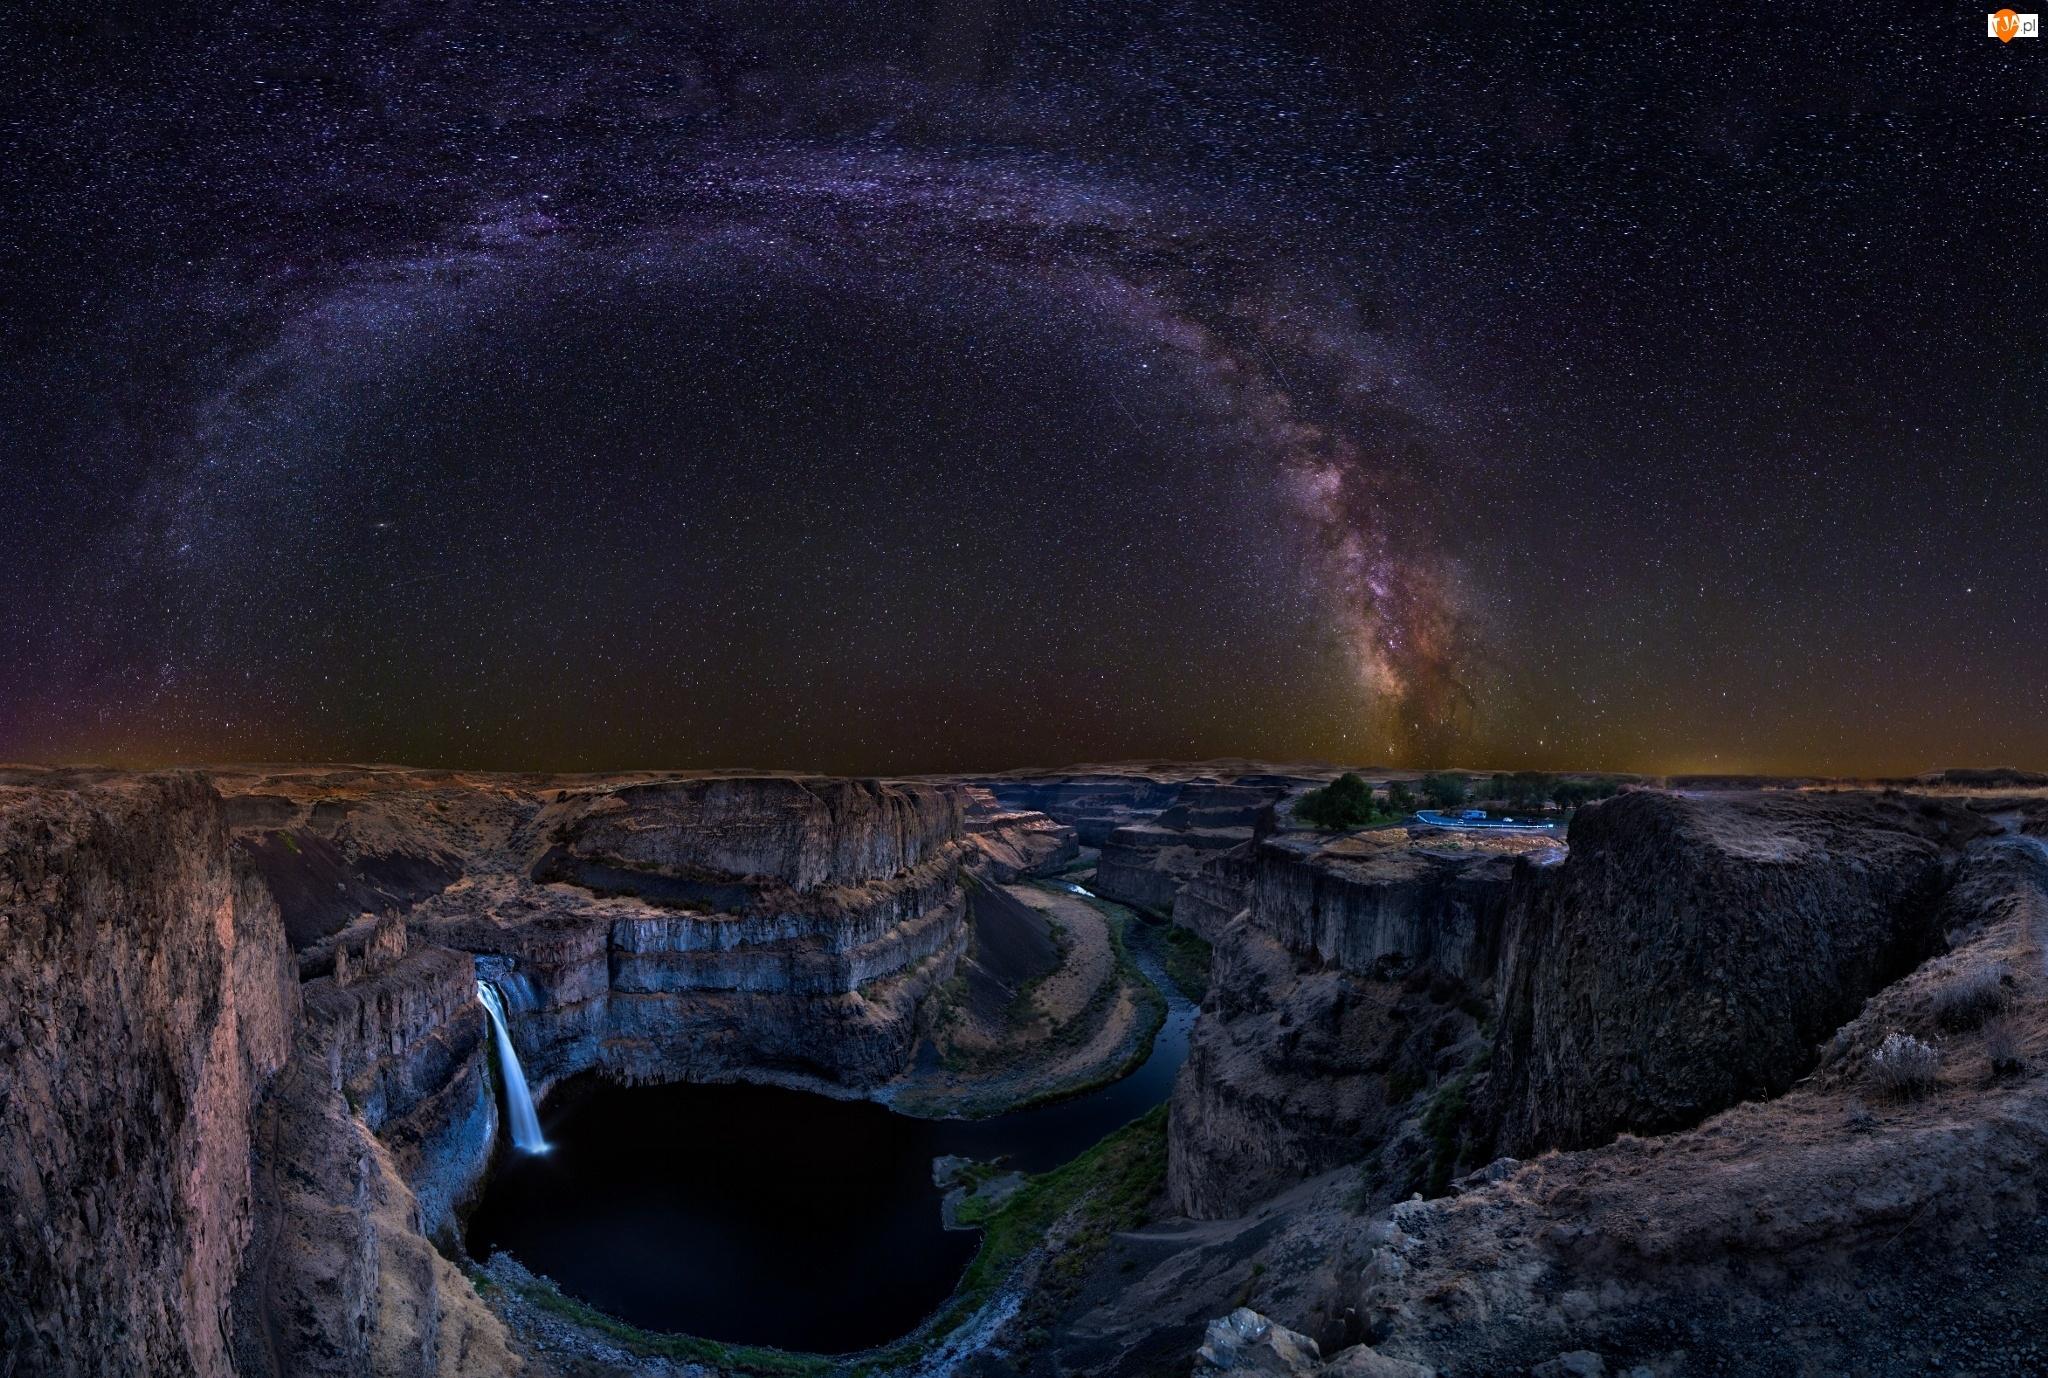 Rzeka, Mleczna, Kanion, Gwiazdy, Wodospad, Droga